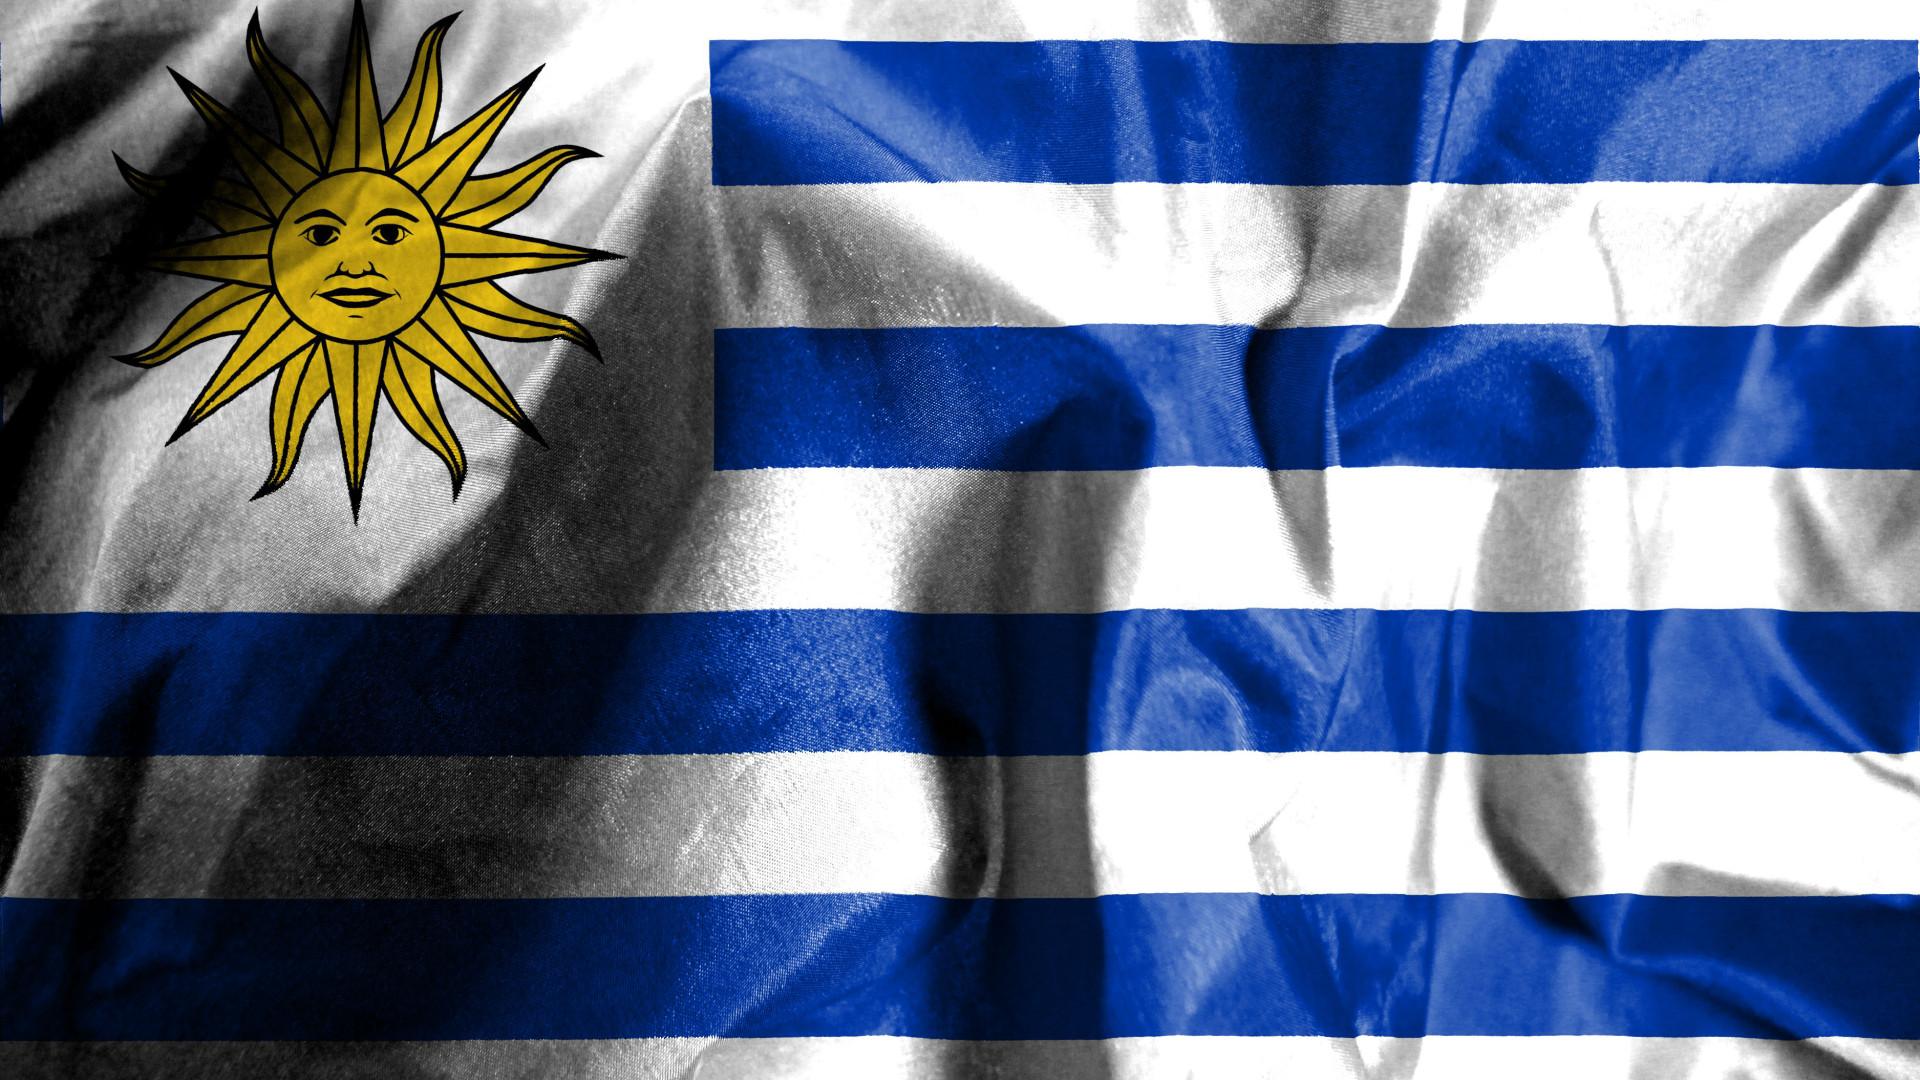 Centenas de milhares de uruguaios têm português como língua materna